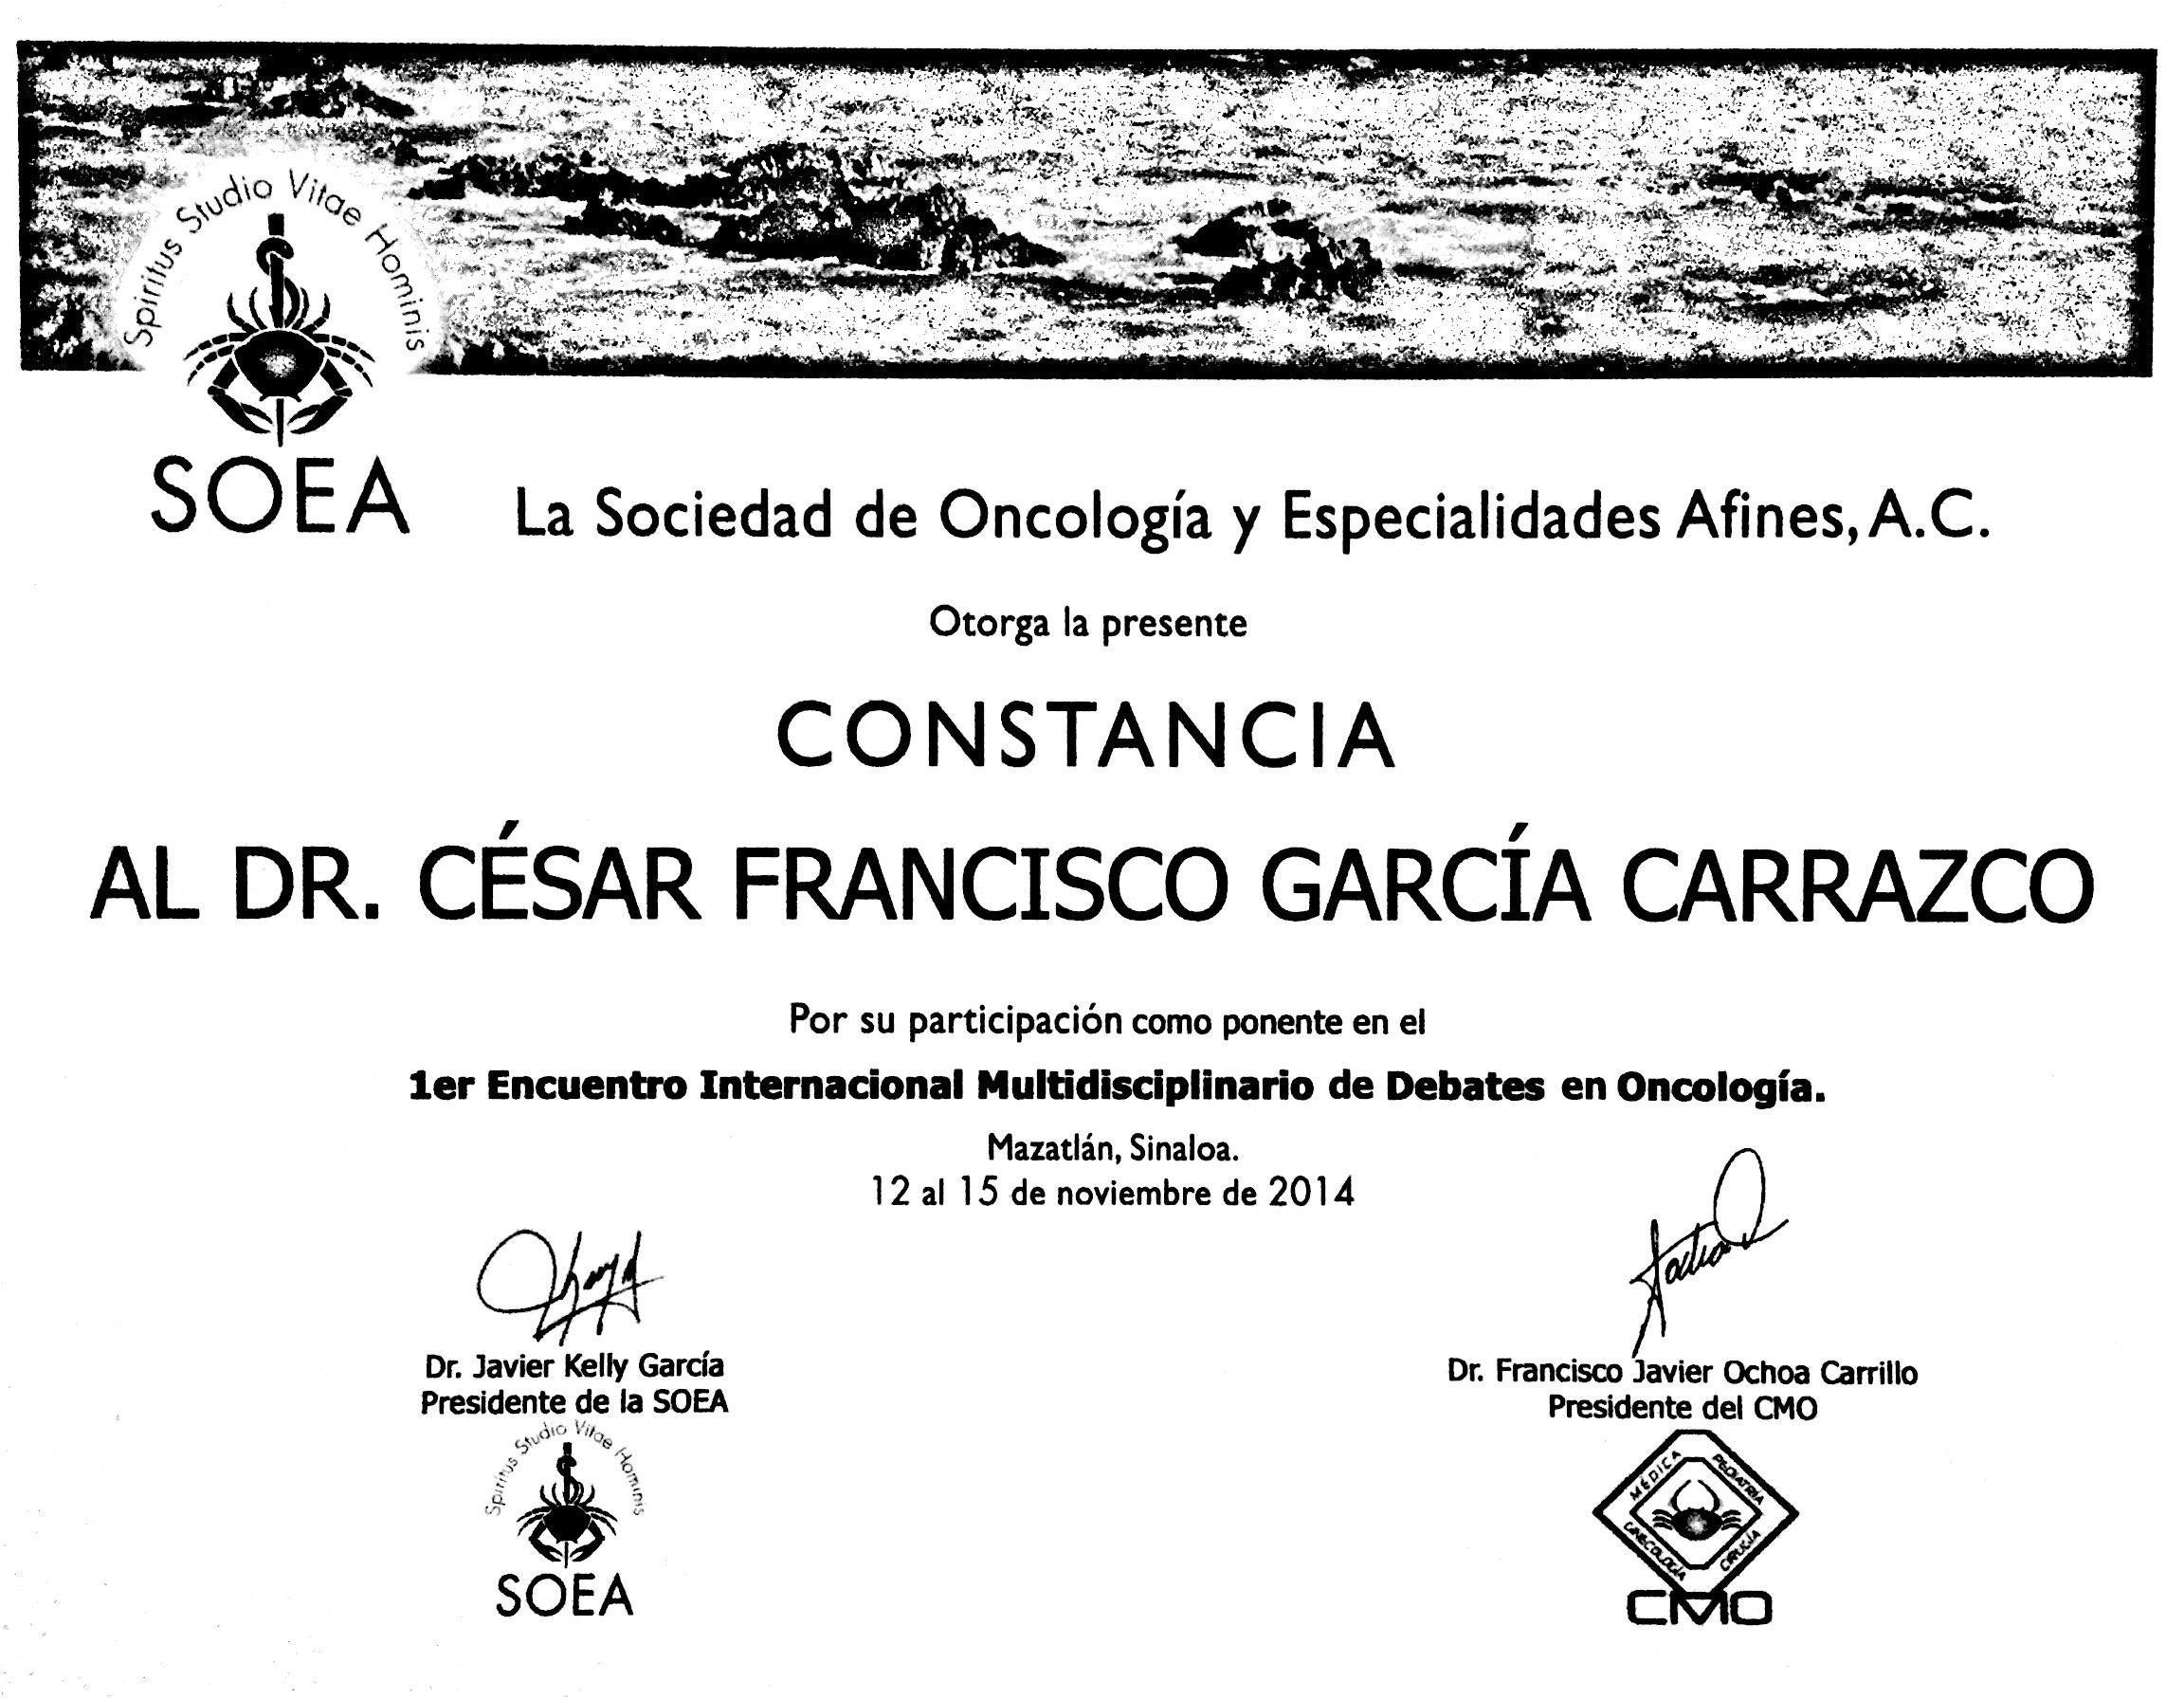 Dr. Garcia Carrazco_61